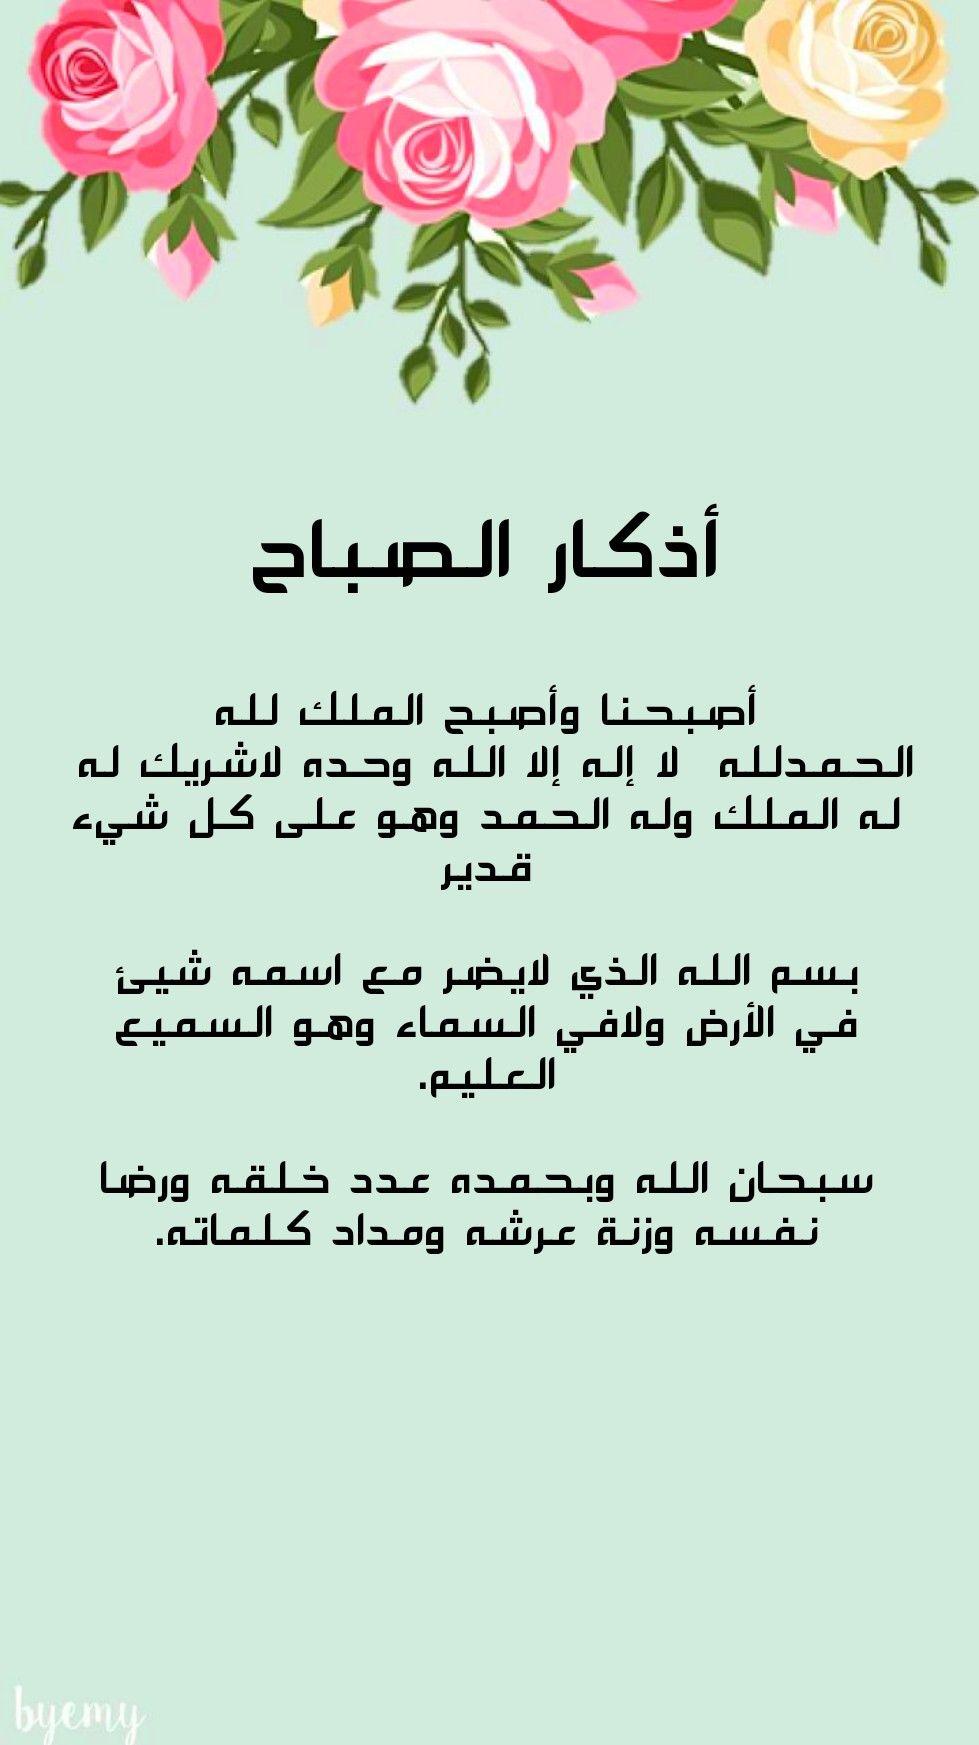 اذكار الصباح دعاء ذكر Good Morning Arabic Islamic Quotes Wallpaper Islamic Quotes